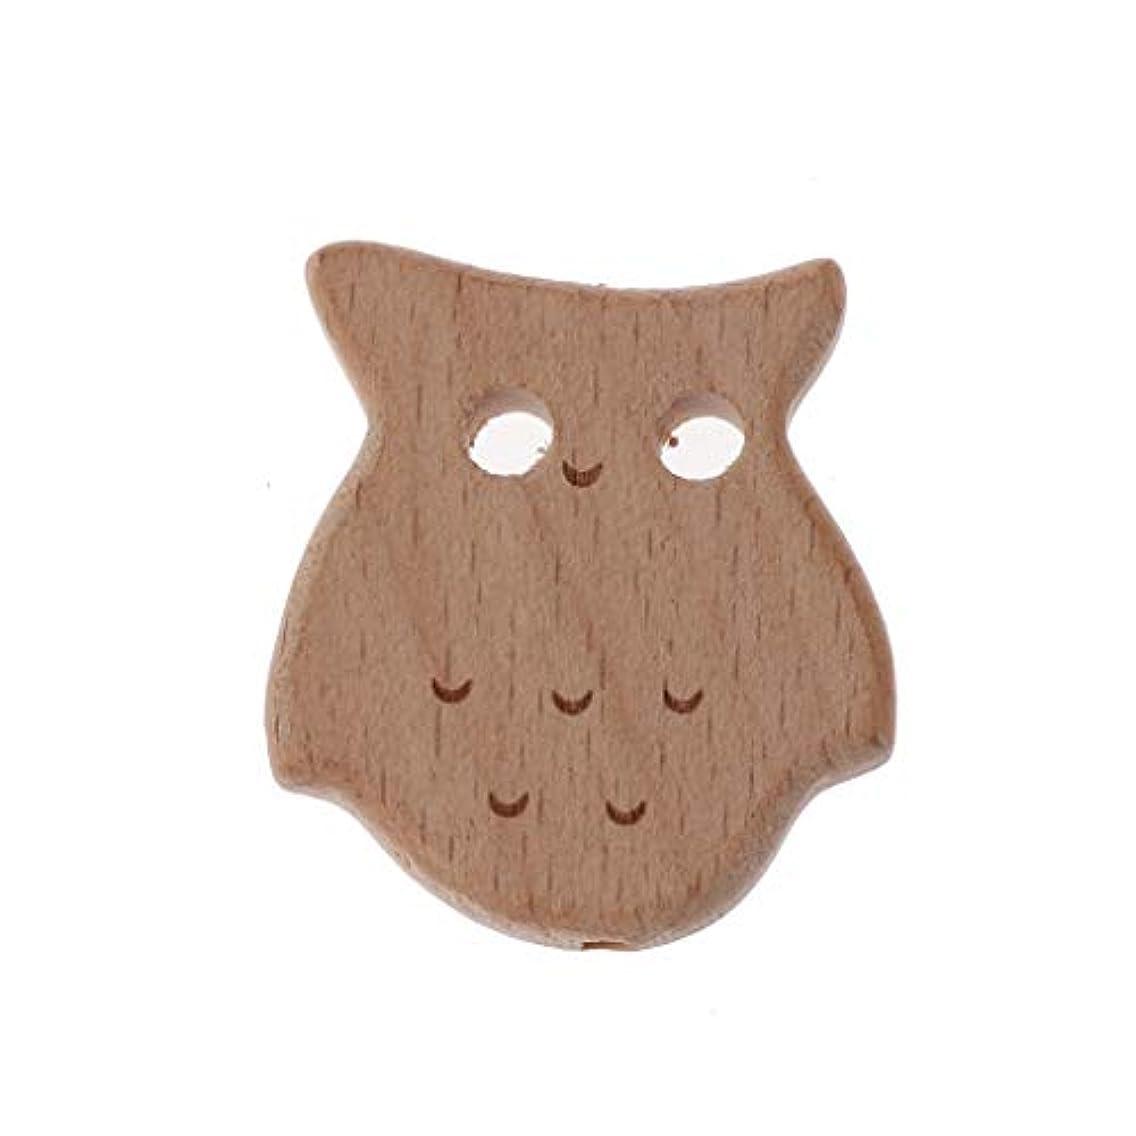 摩擦収束鈍いLandwoodウッド歯が生えるビーズニレ動物ビーズ赤ちゃんのおもちゃDIYおしゃぶりチェーンアクセサリー - フクロウ